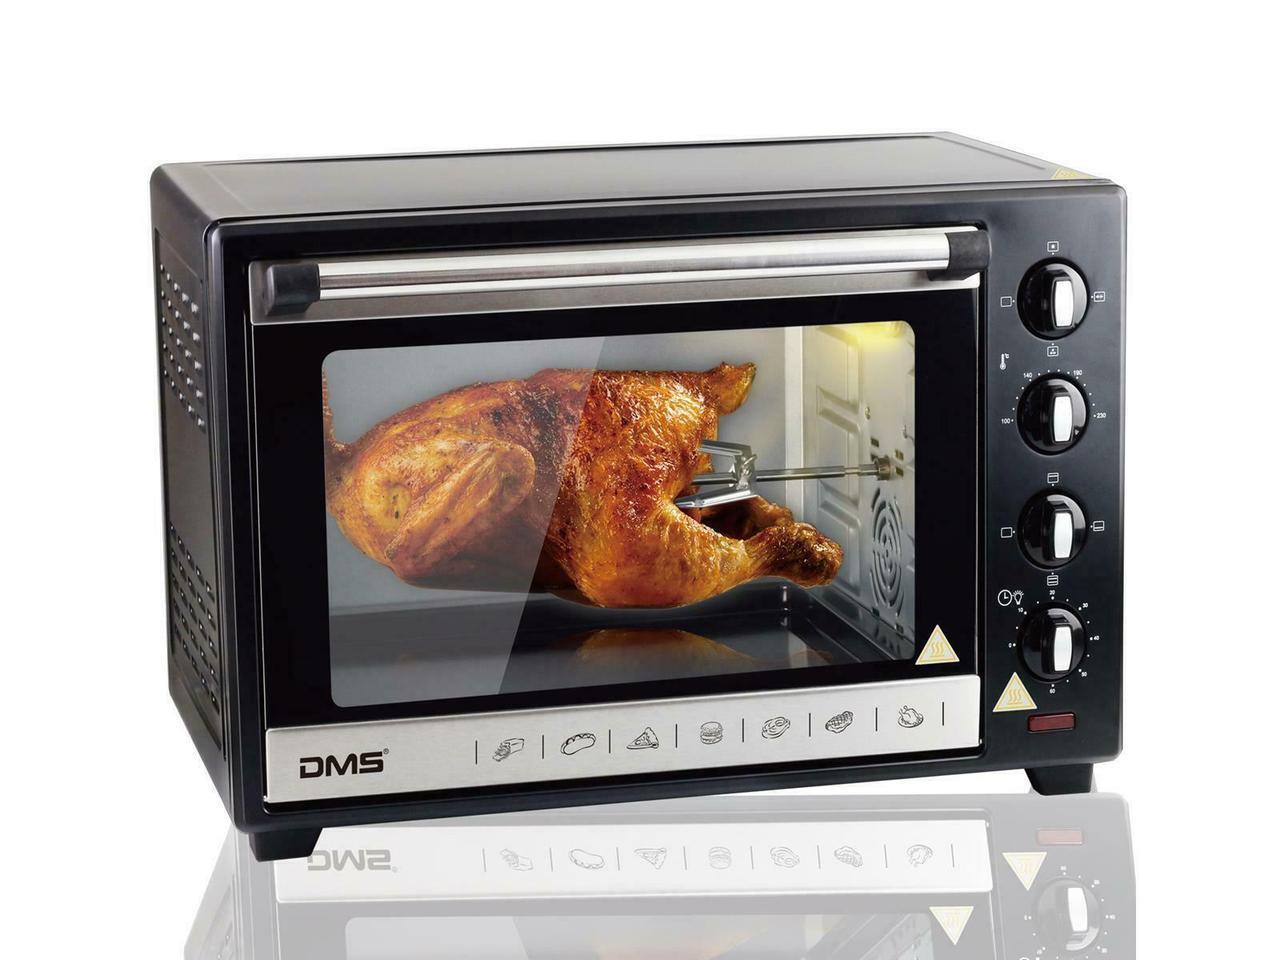 Электрическая печь DMS OCR48D духовка настольная  обьем 48л мощность 2000вт